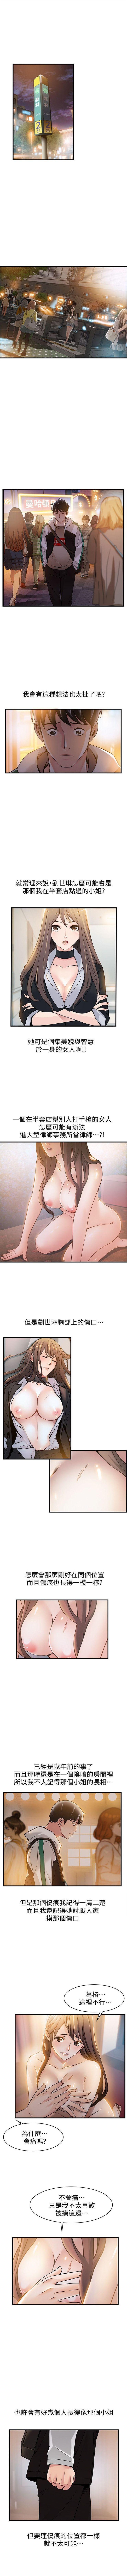 弱點 1-101 官方中文(連載中) 75